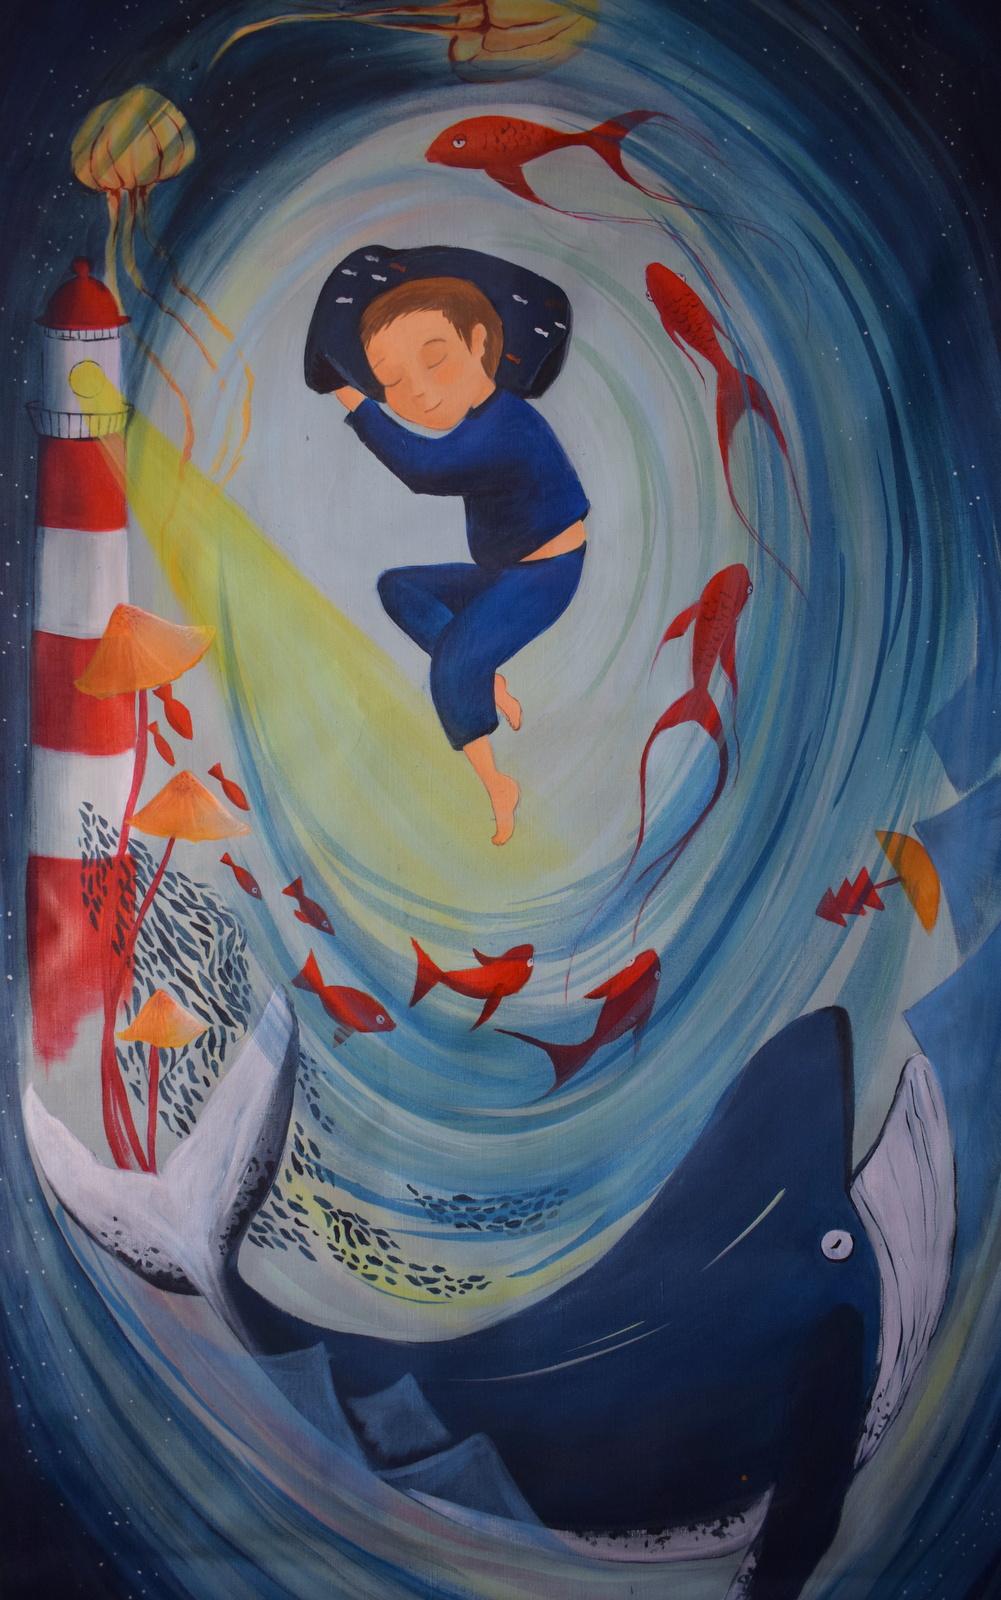 Kakemono •le garçon et la mer•